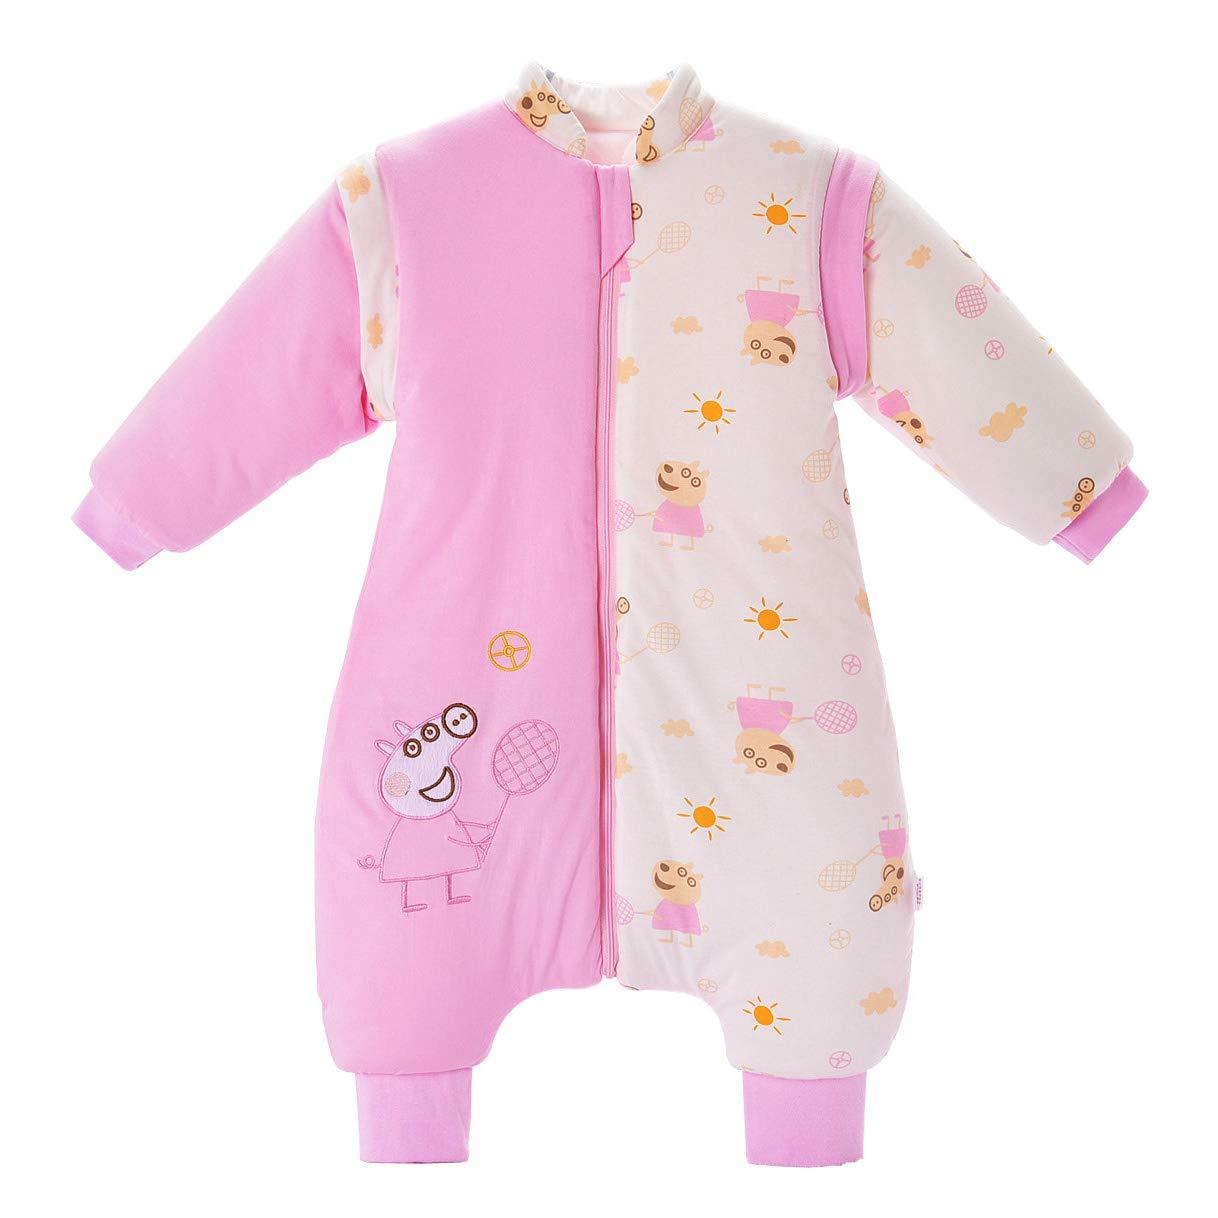 Saco de dormir para bebé con pies y pijama de manga larga de algodón, traje de dormir para bebé de 1 a 3 años. rosa rosa Talla:M(0-1 years old) Mosebears